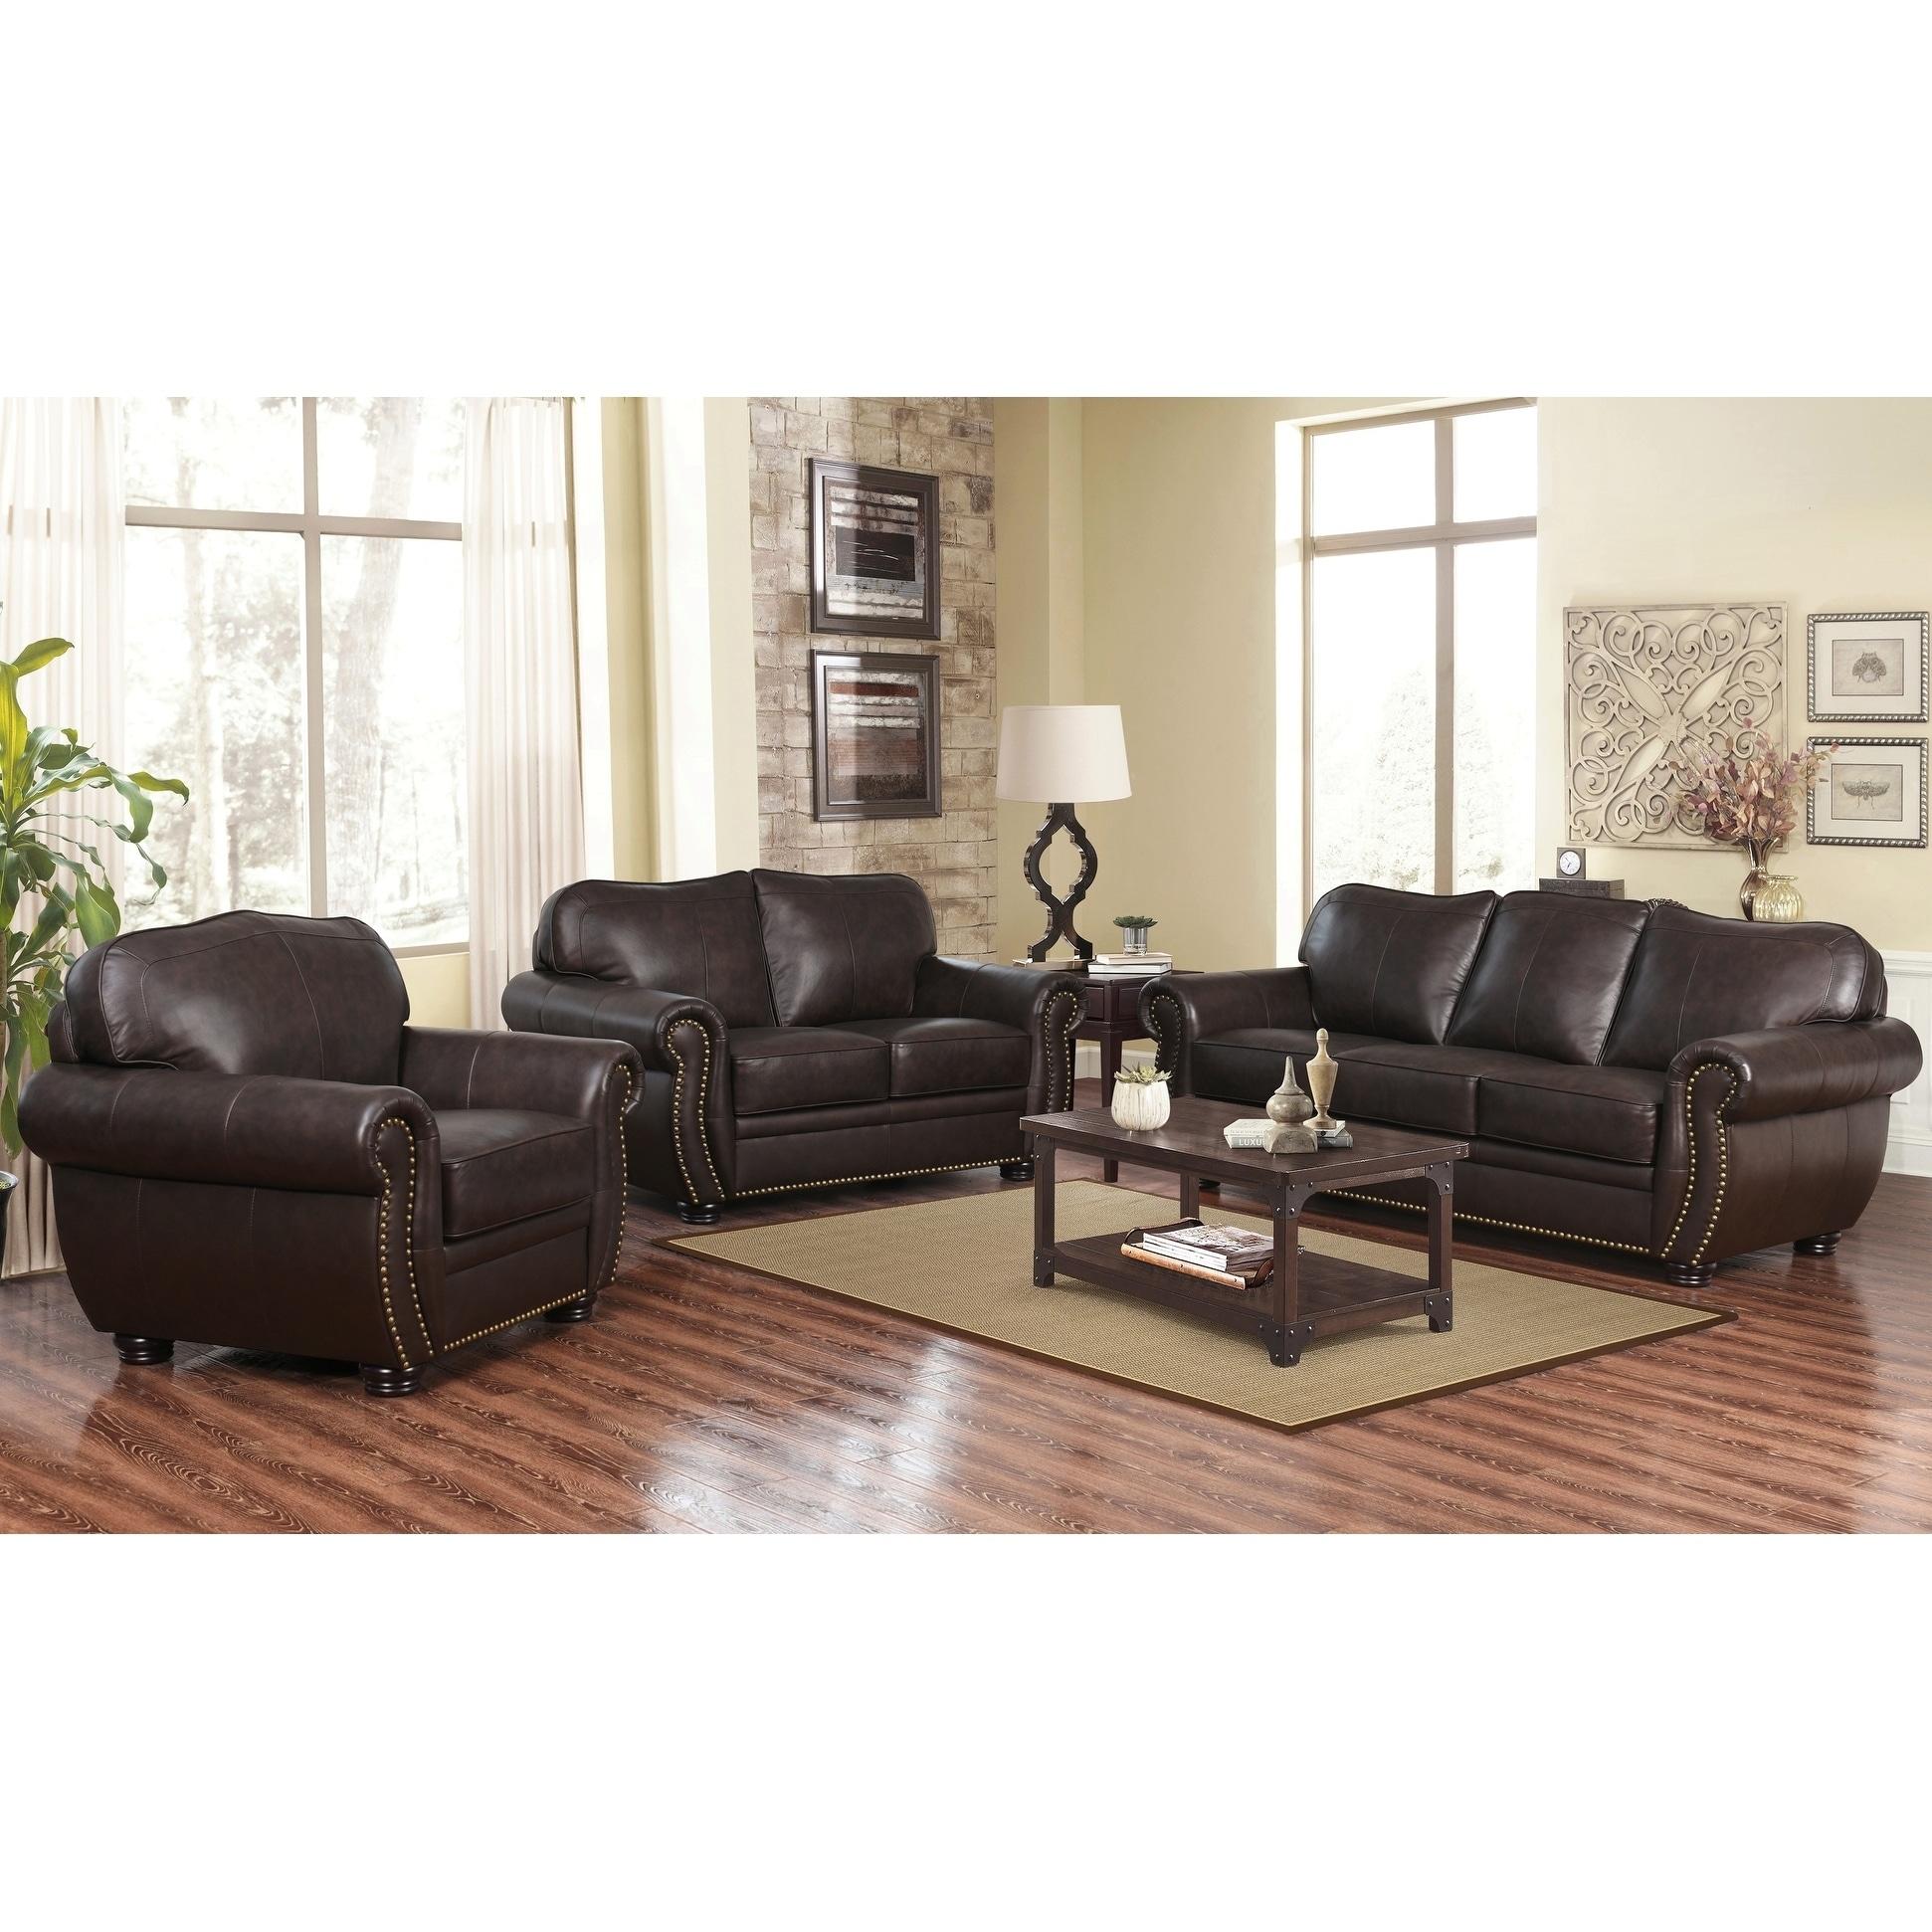 Shop Abbyson Richfield Top Grain Leather 4 Piece Living Room Set ...